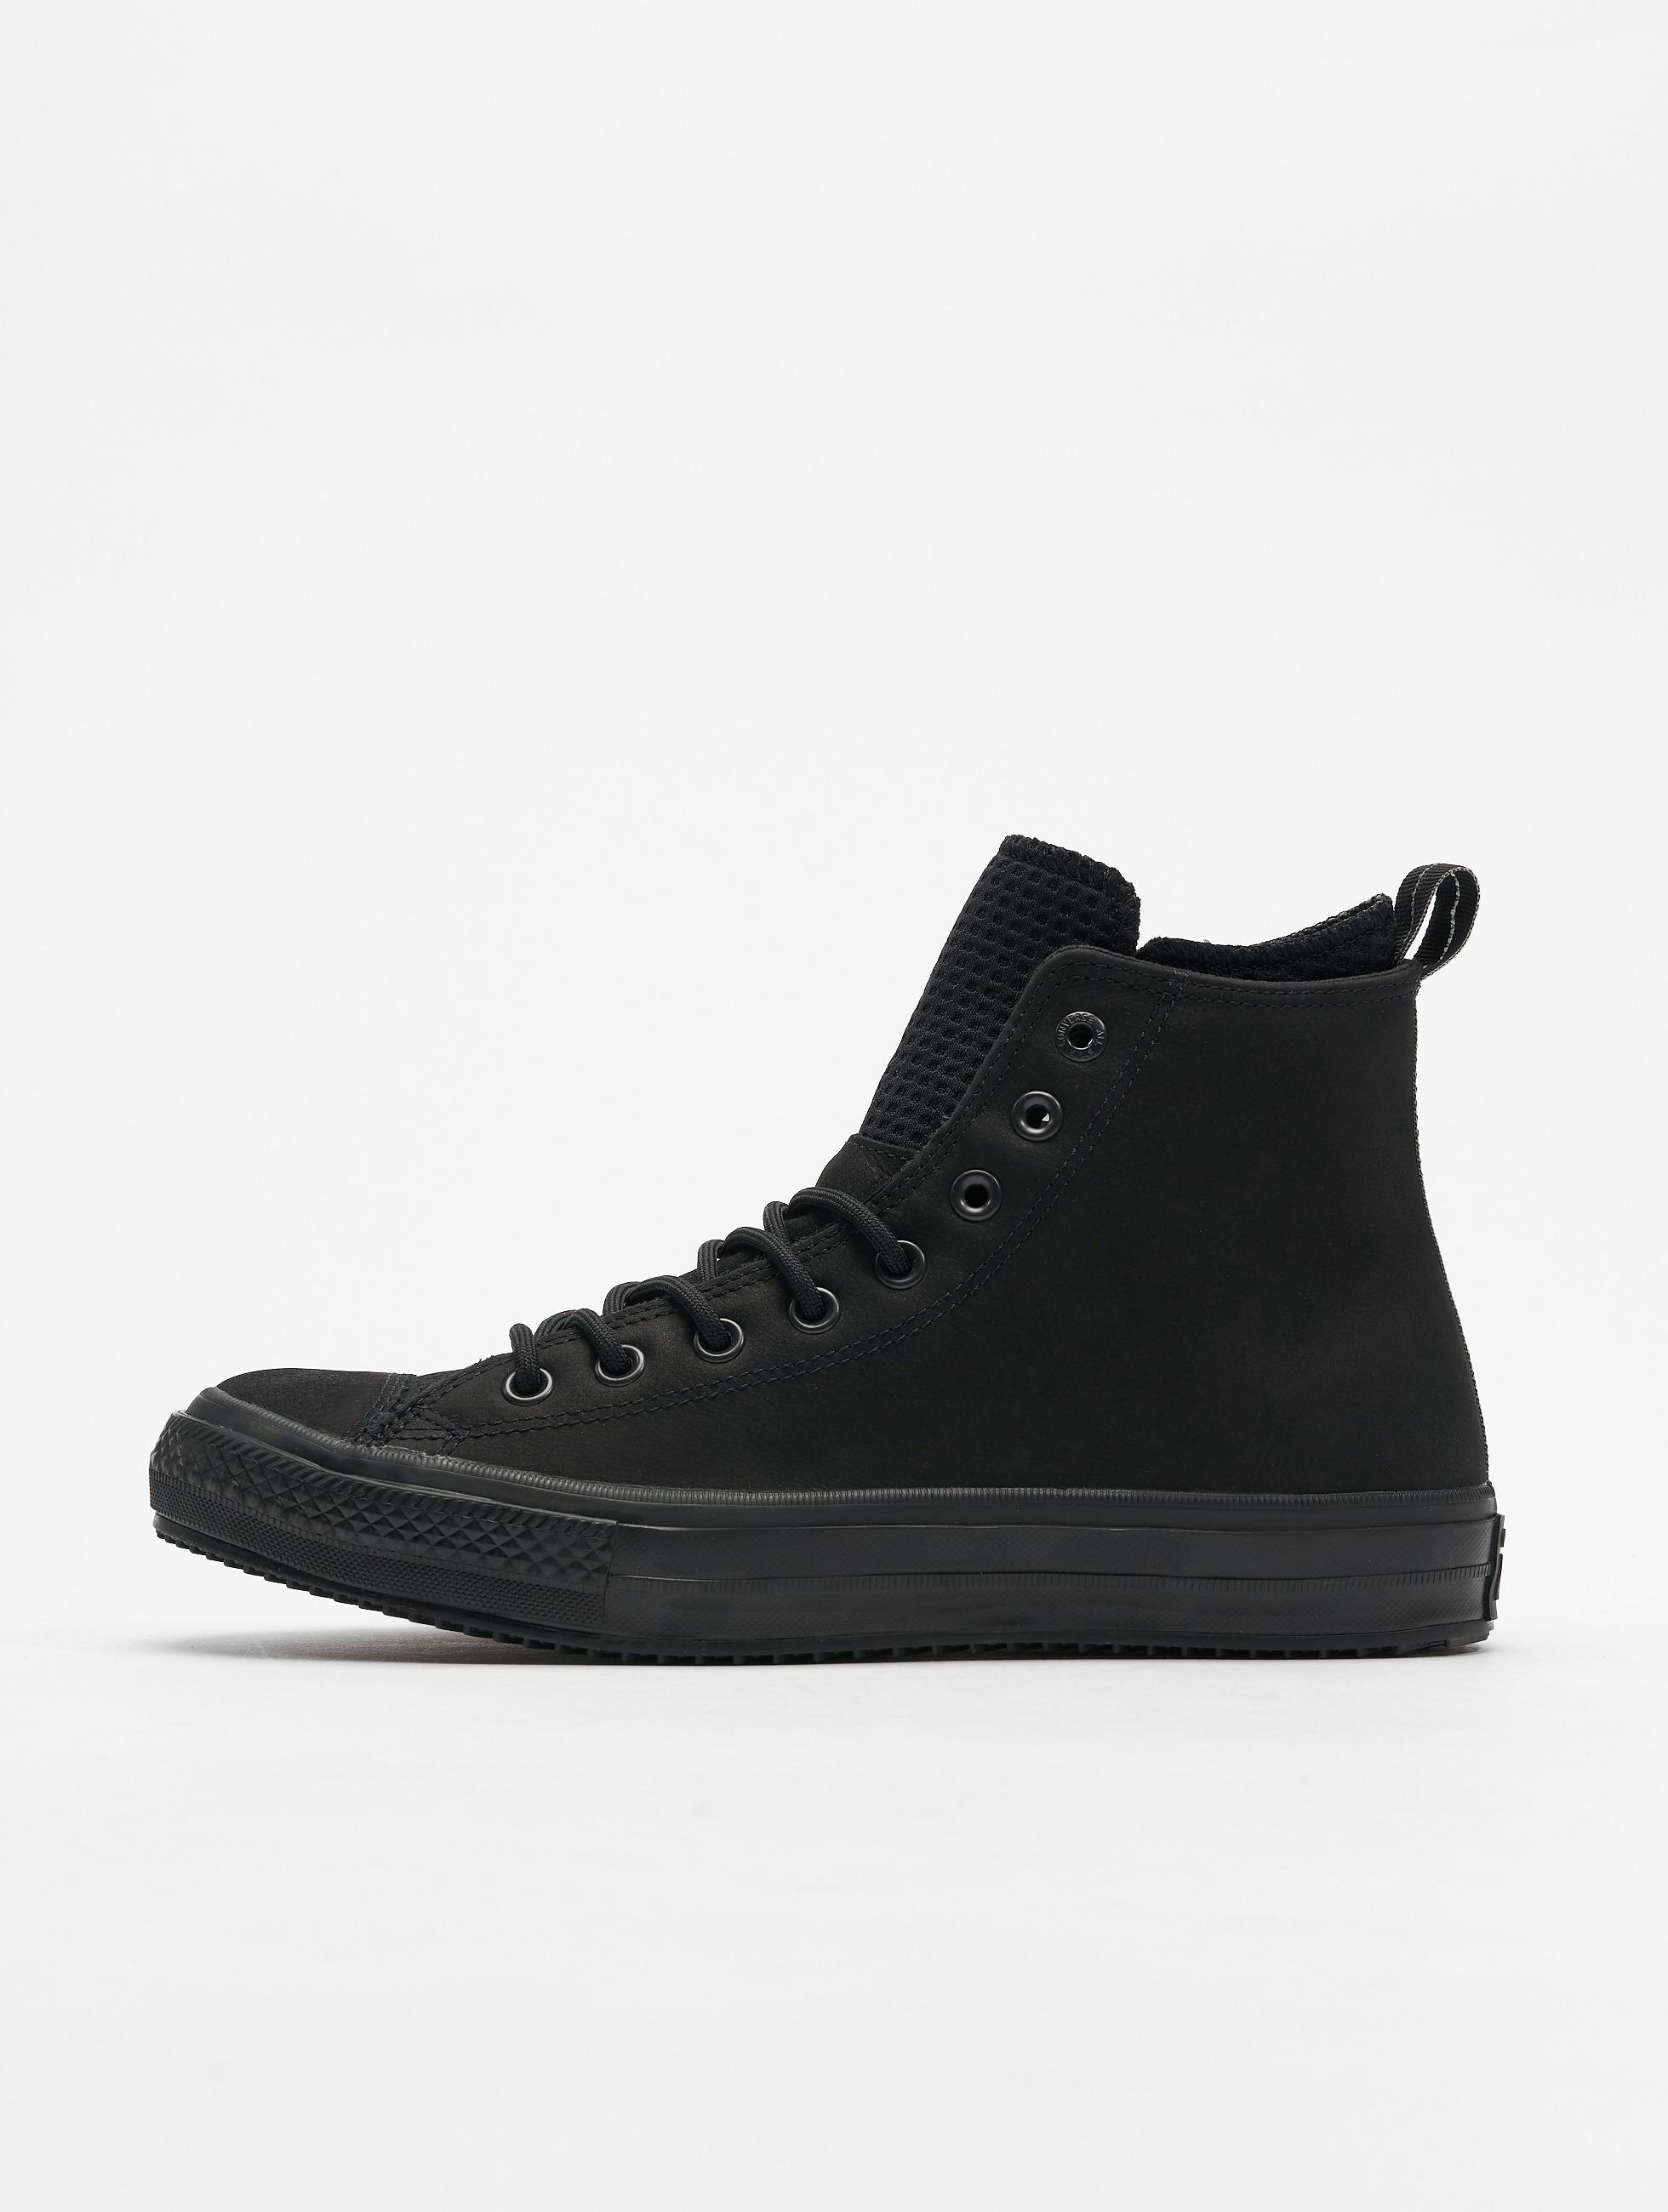 978393a01d1 Converse schoen / sneaker Chuck Taylor All Star WP Boot Hi in zwart 506217